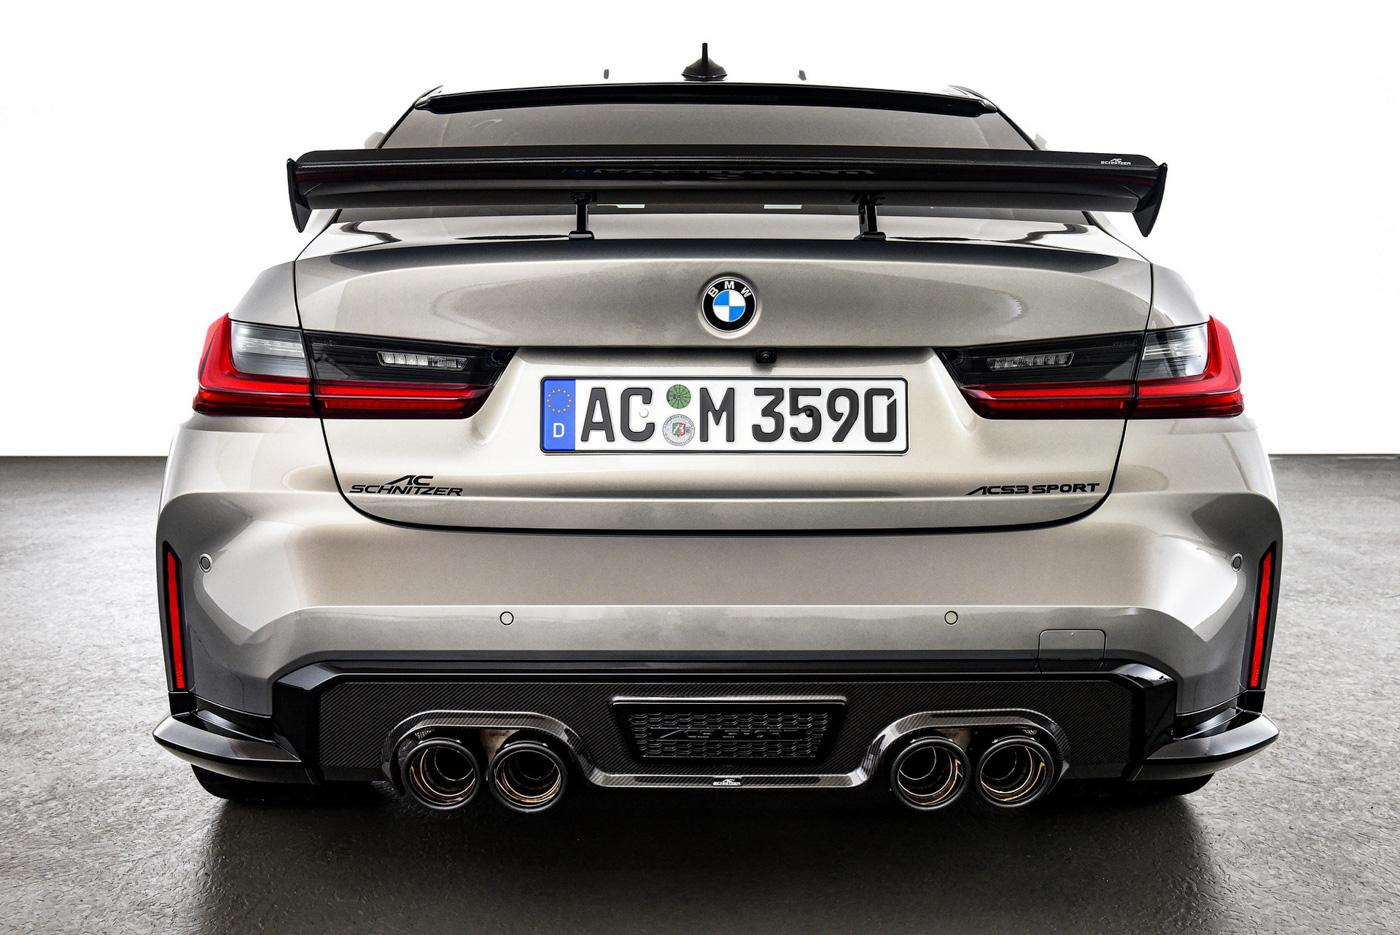 BMW M3 Competition AC Schnitzer (8).JPG